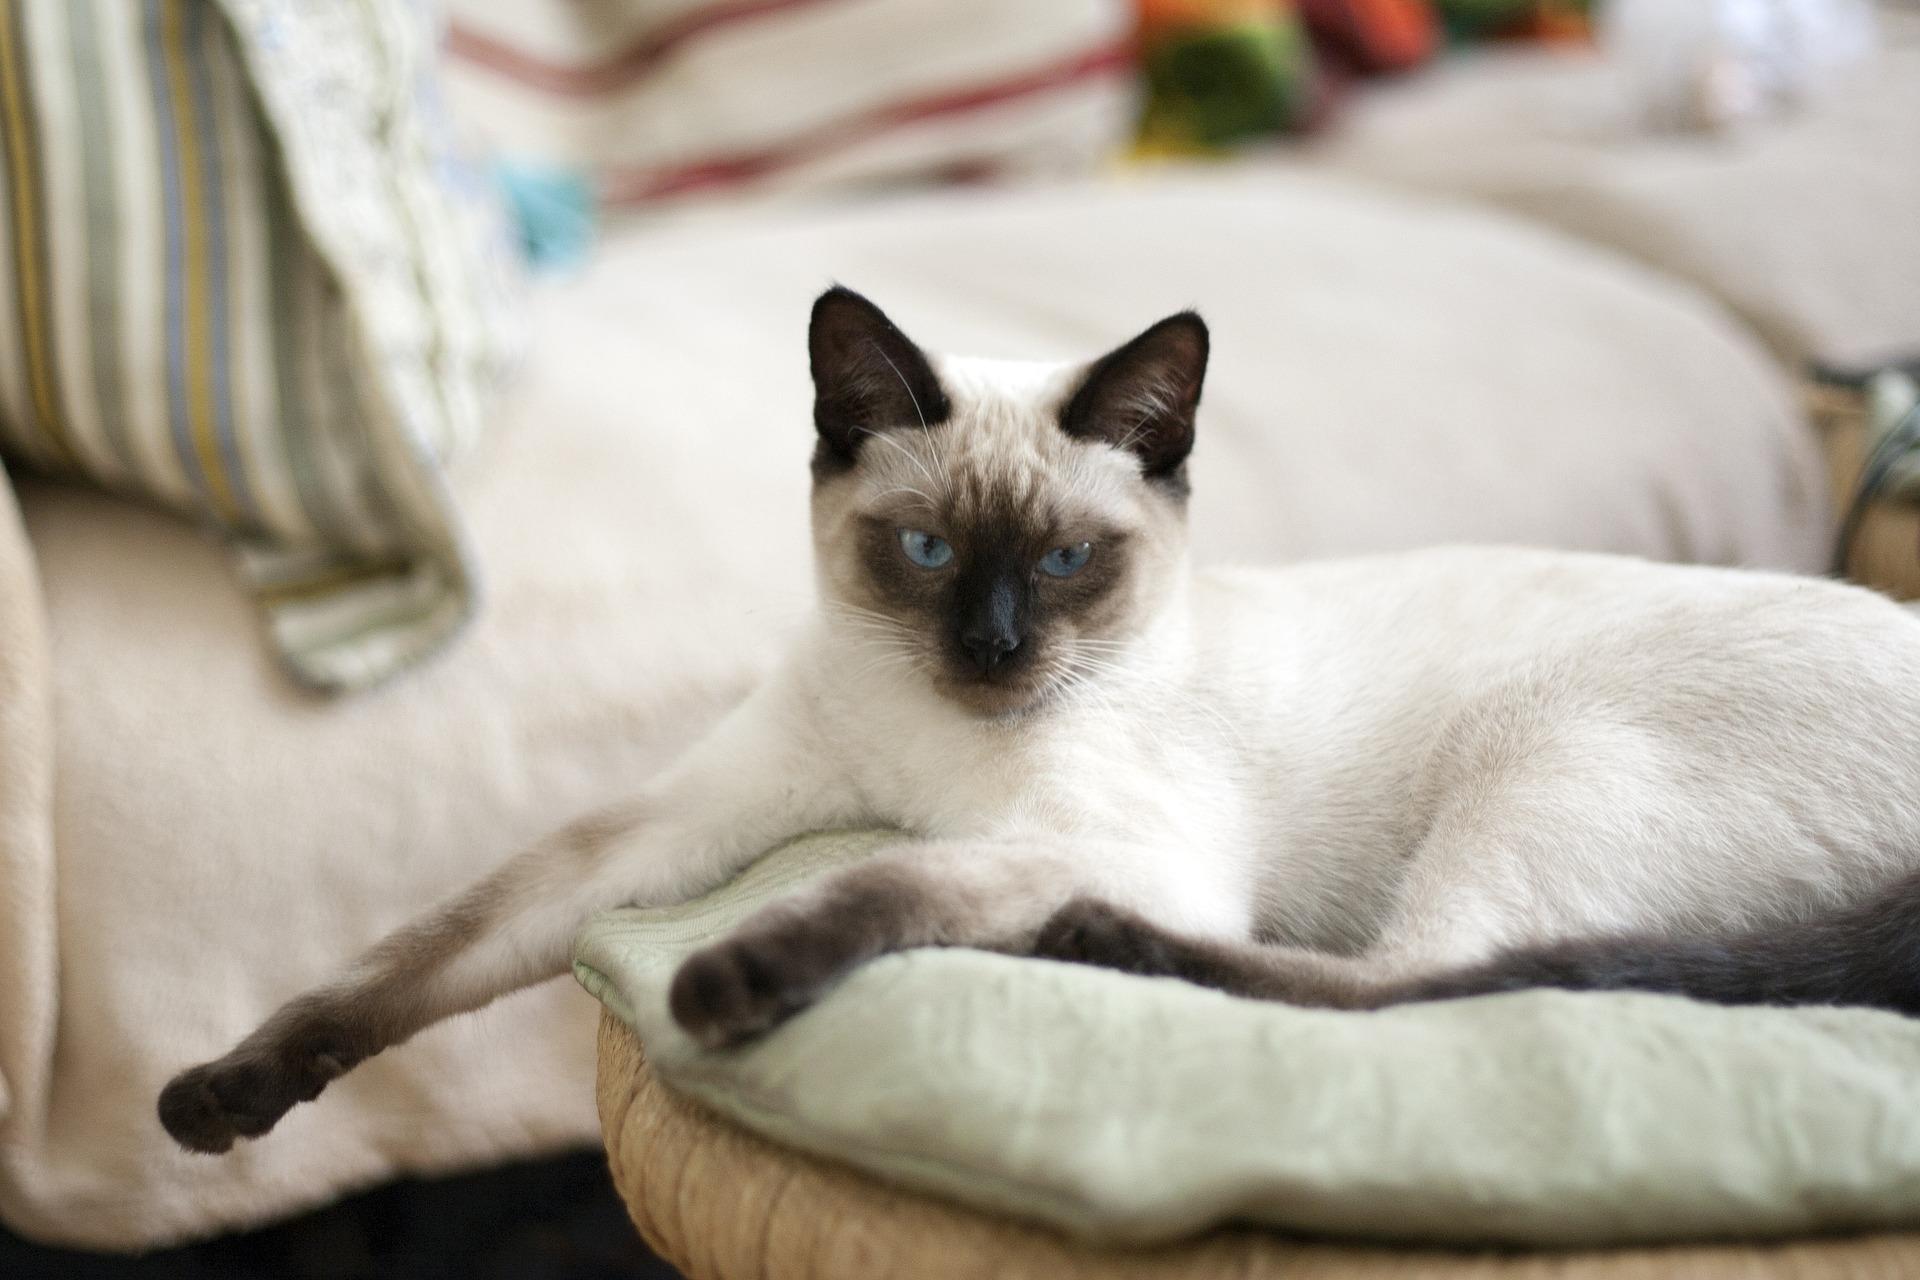 Породы кошек с большими (длинными) ушами: 16 пород с фотографиями и названиями